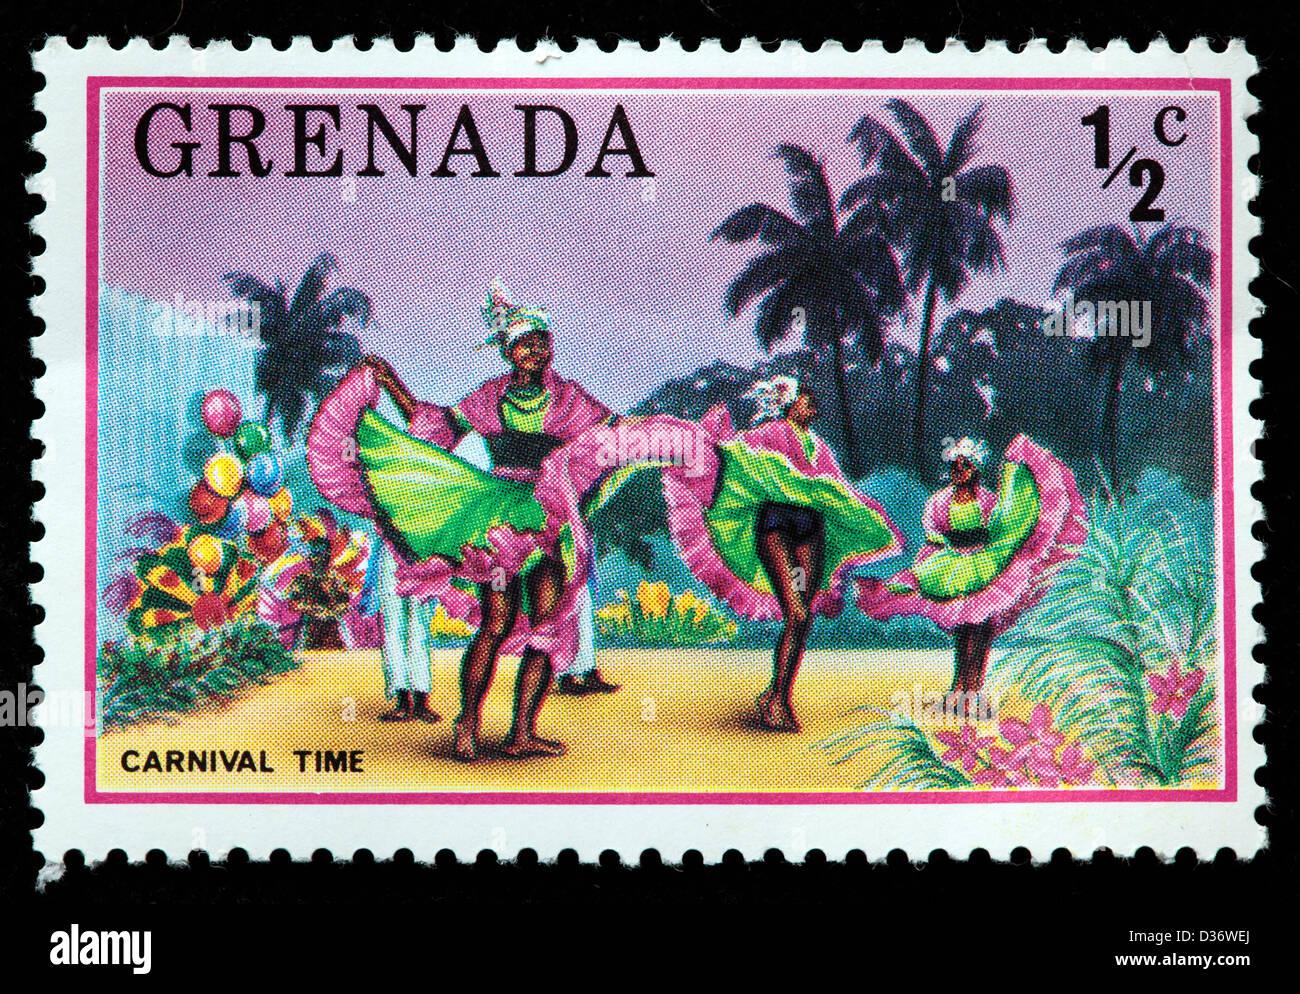 Carnival, postage stamp, Grenada, 1976 Stock Photo